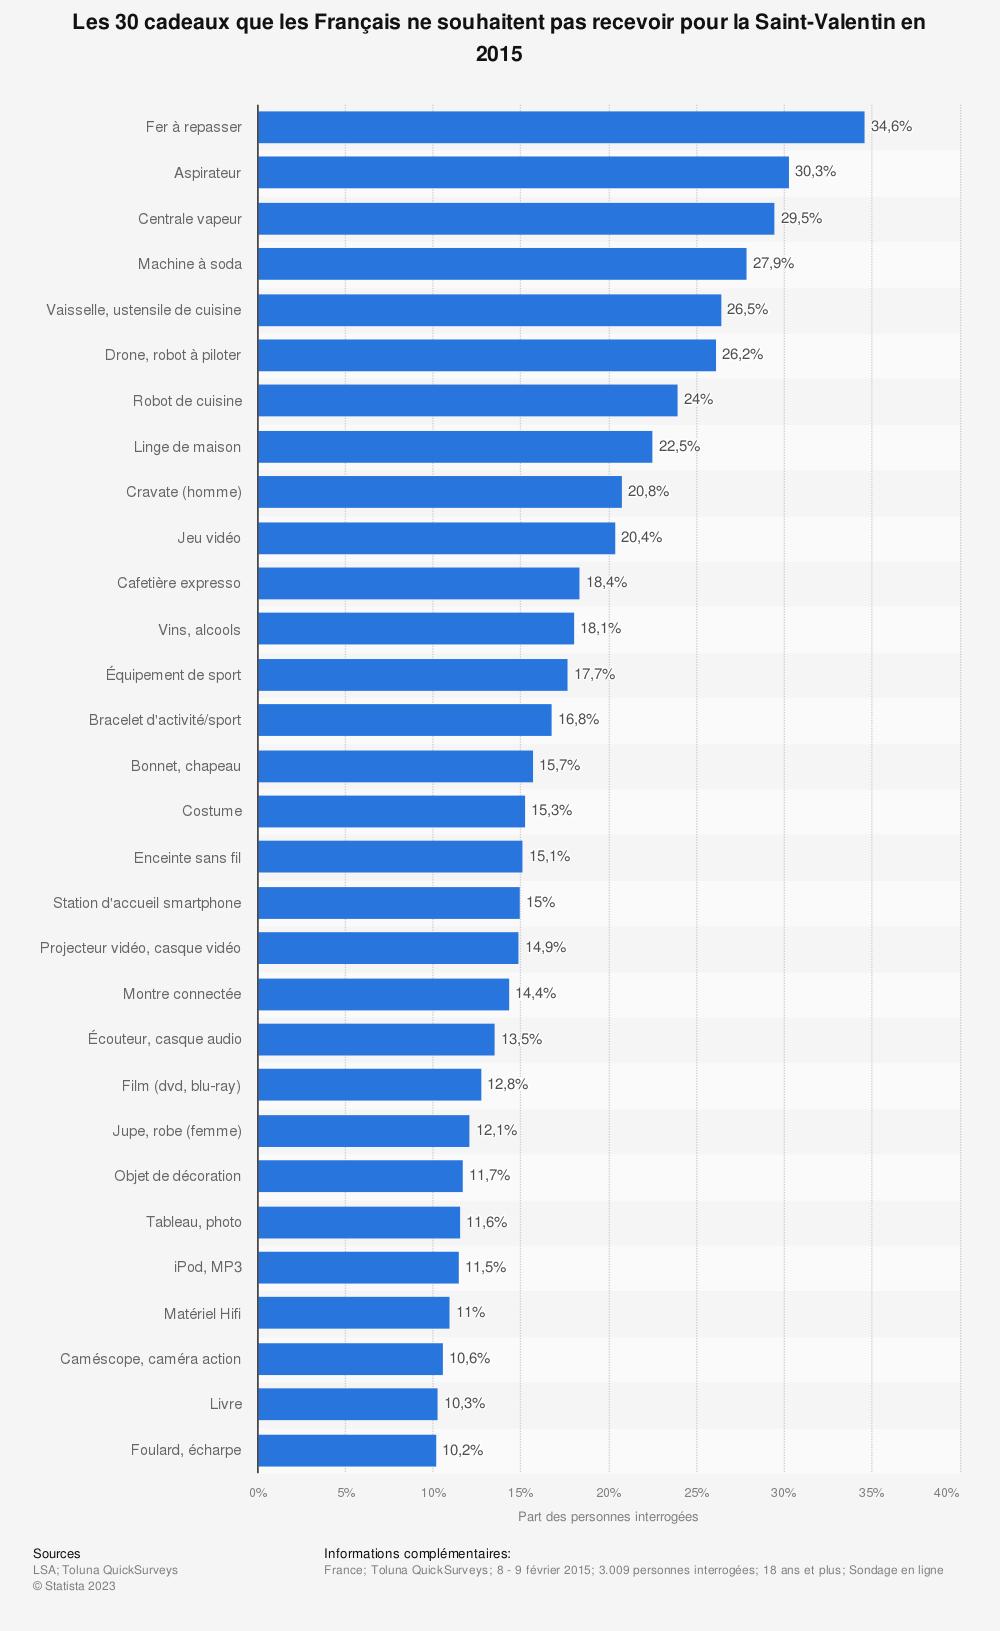 Statistique: Les 30 cadeaux que les Français ne souhaitent pas recevoir pour la Saint-Valentin en 2015 | Statista